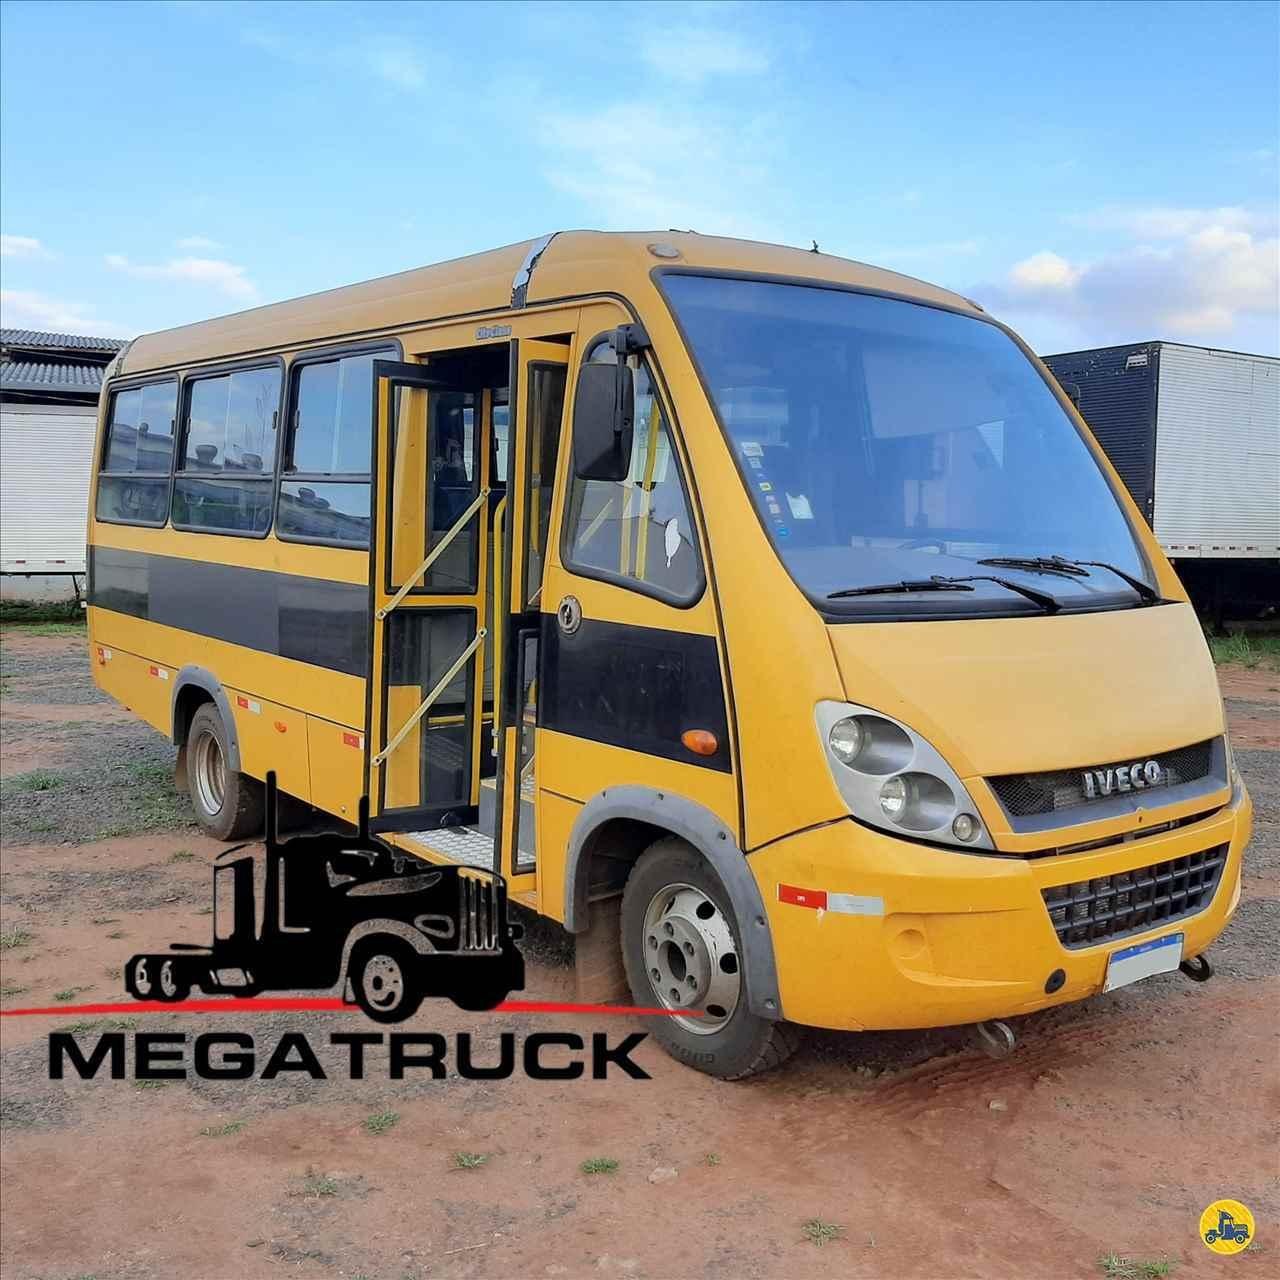 MICRO ONIBUS IVECO City Class Megatruck Caminhões e Máquinas CAMPO GRANDE MATO GROSSO DO SUL MS